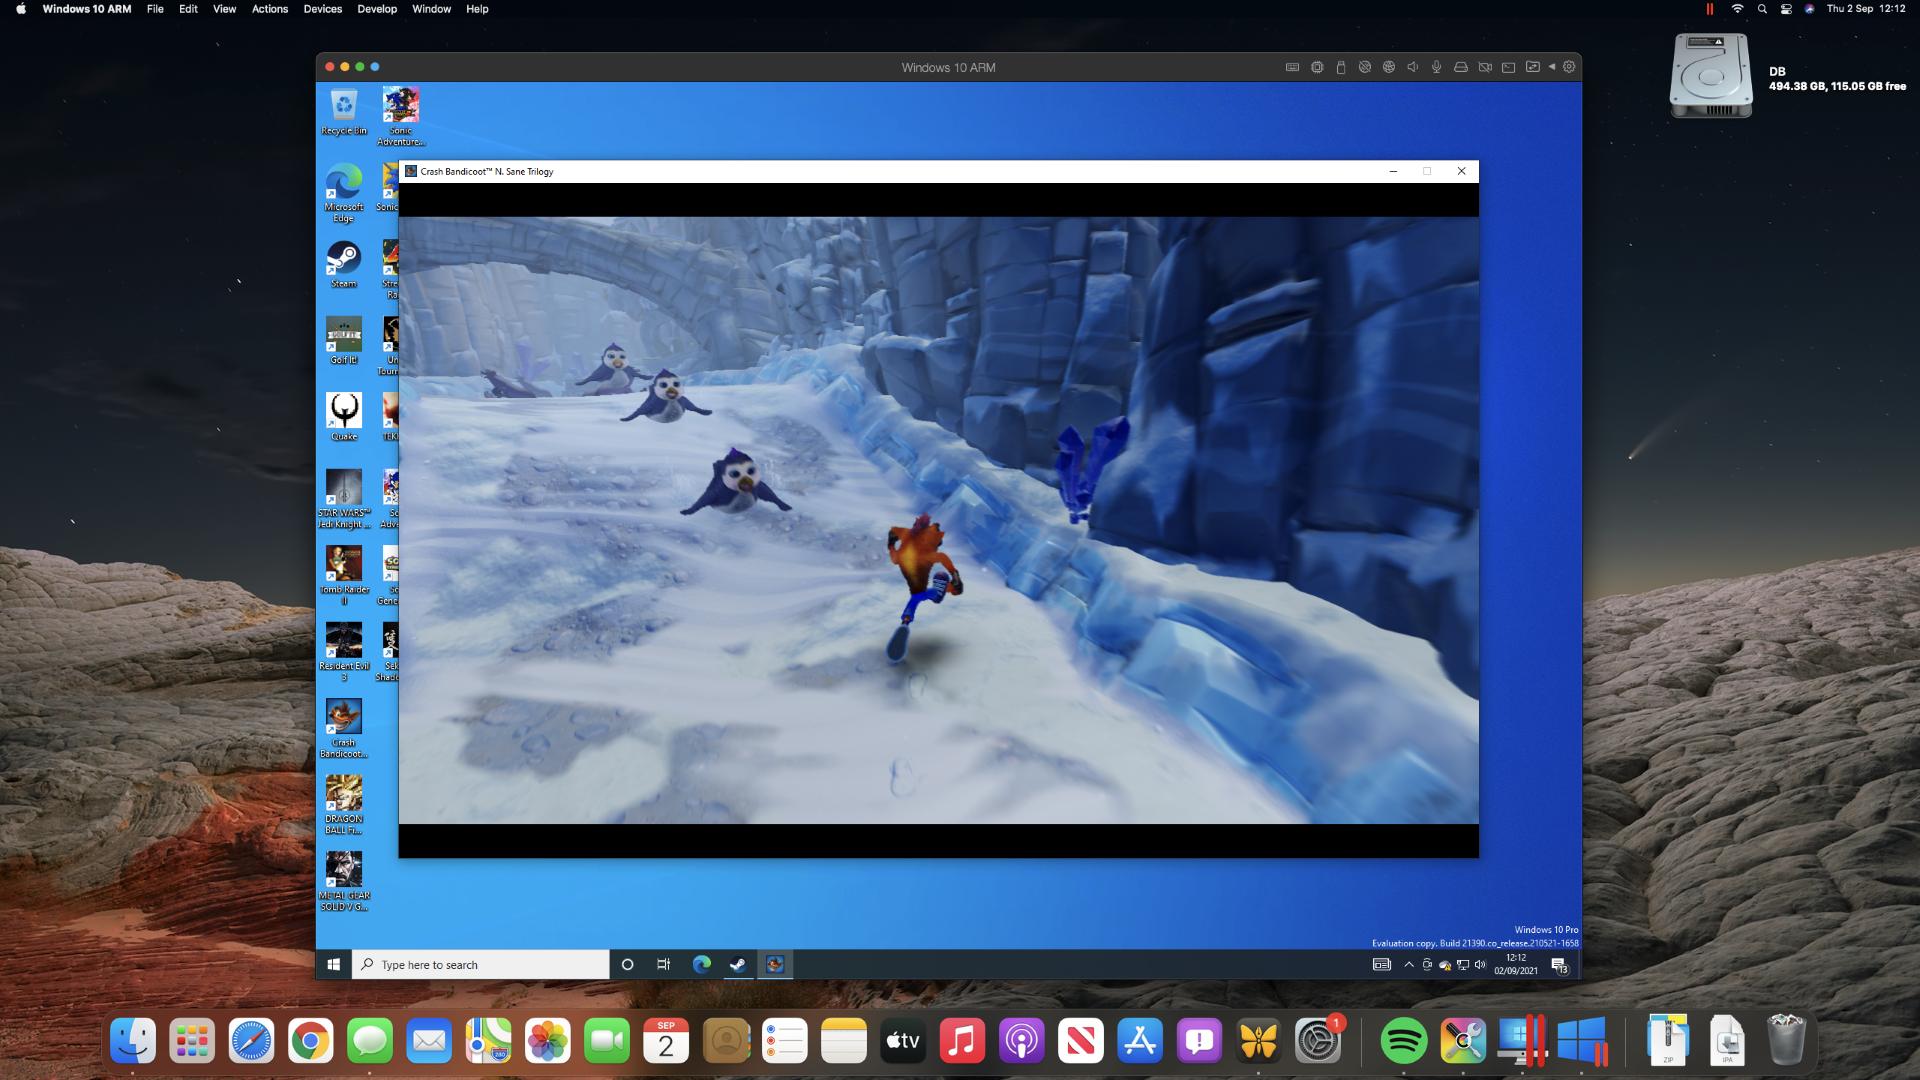 Crash Bandicoot Trilogy on an M1 Mac mini through Steam